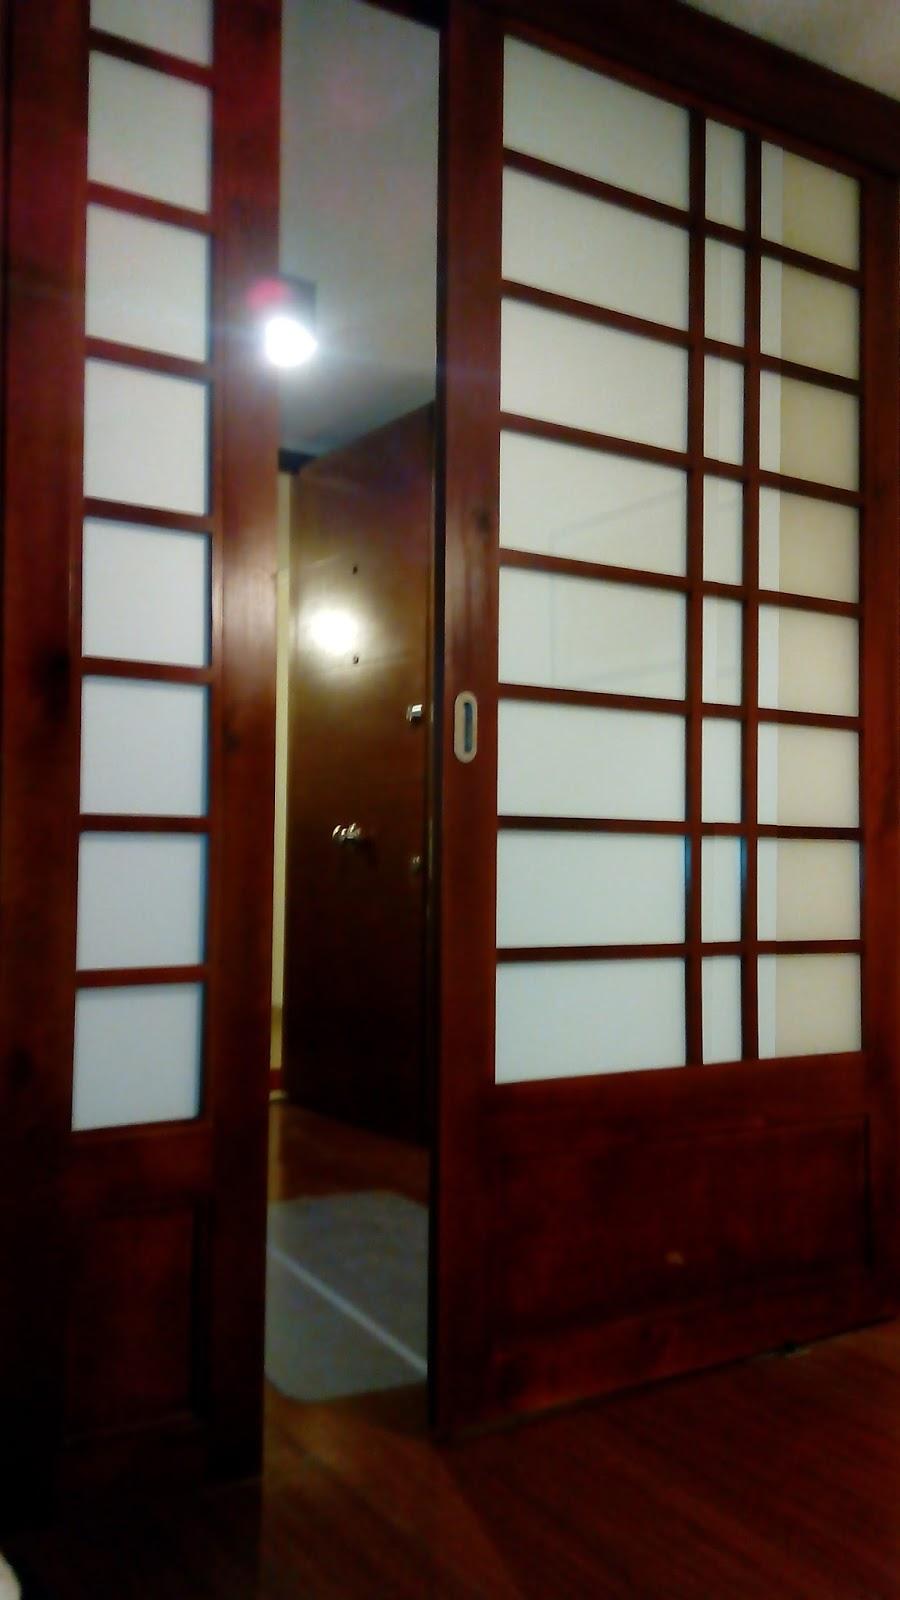 Puertas japonesas puertas correderas panels japonesas - Puertas correderas estilo japones ...